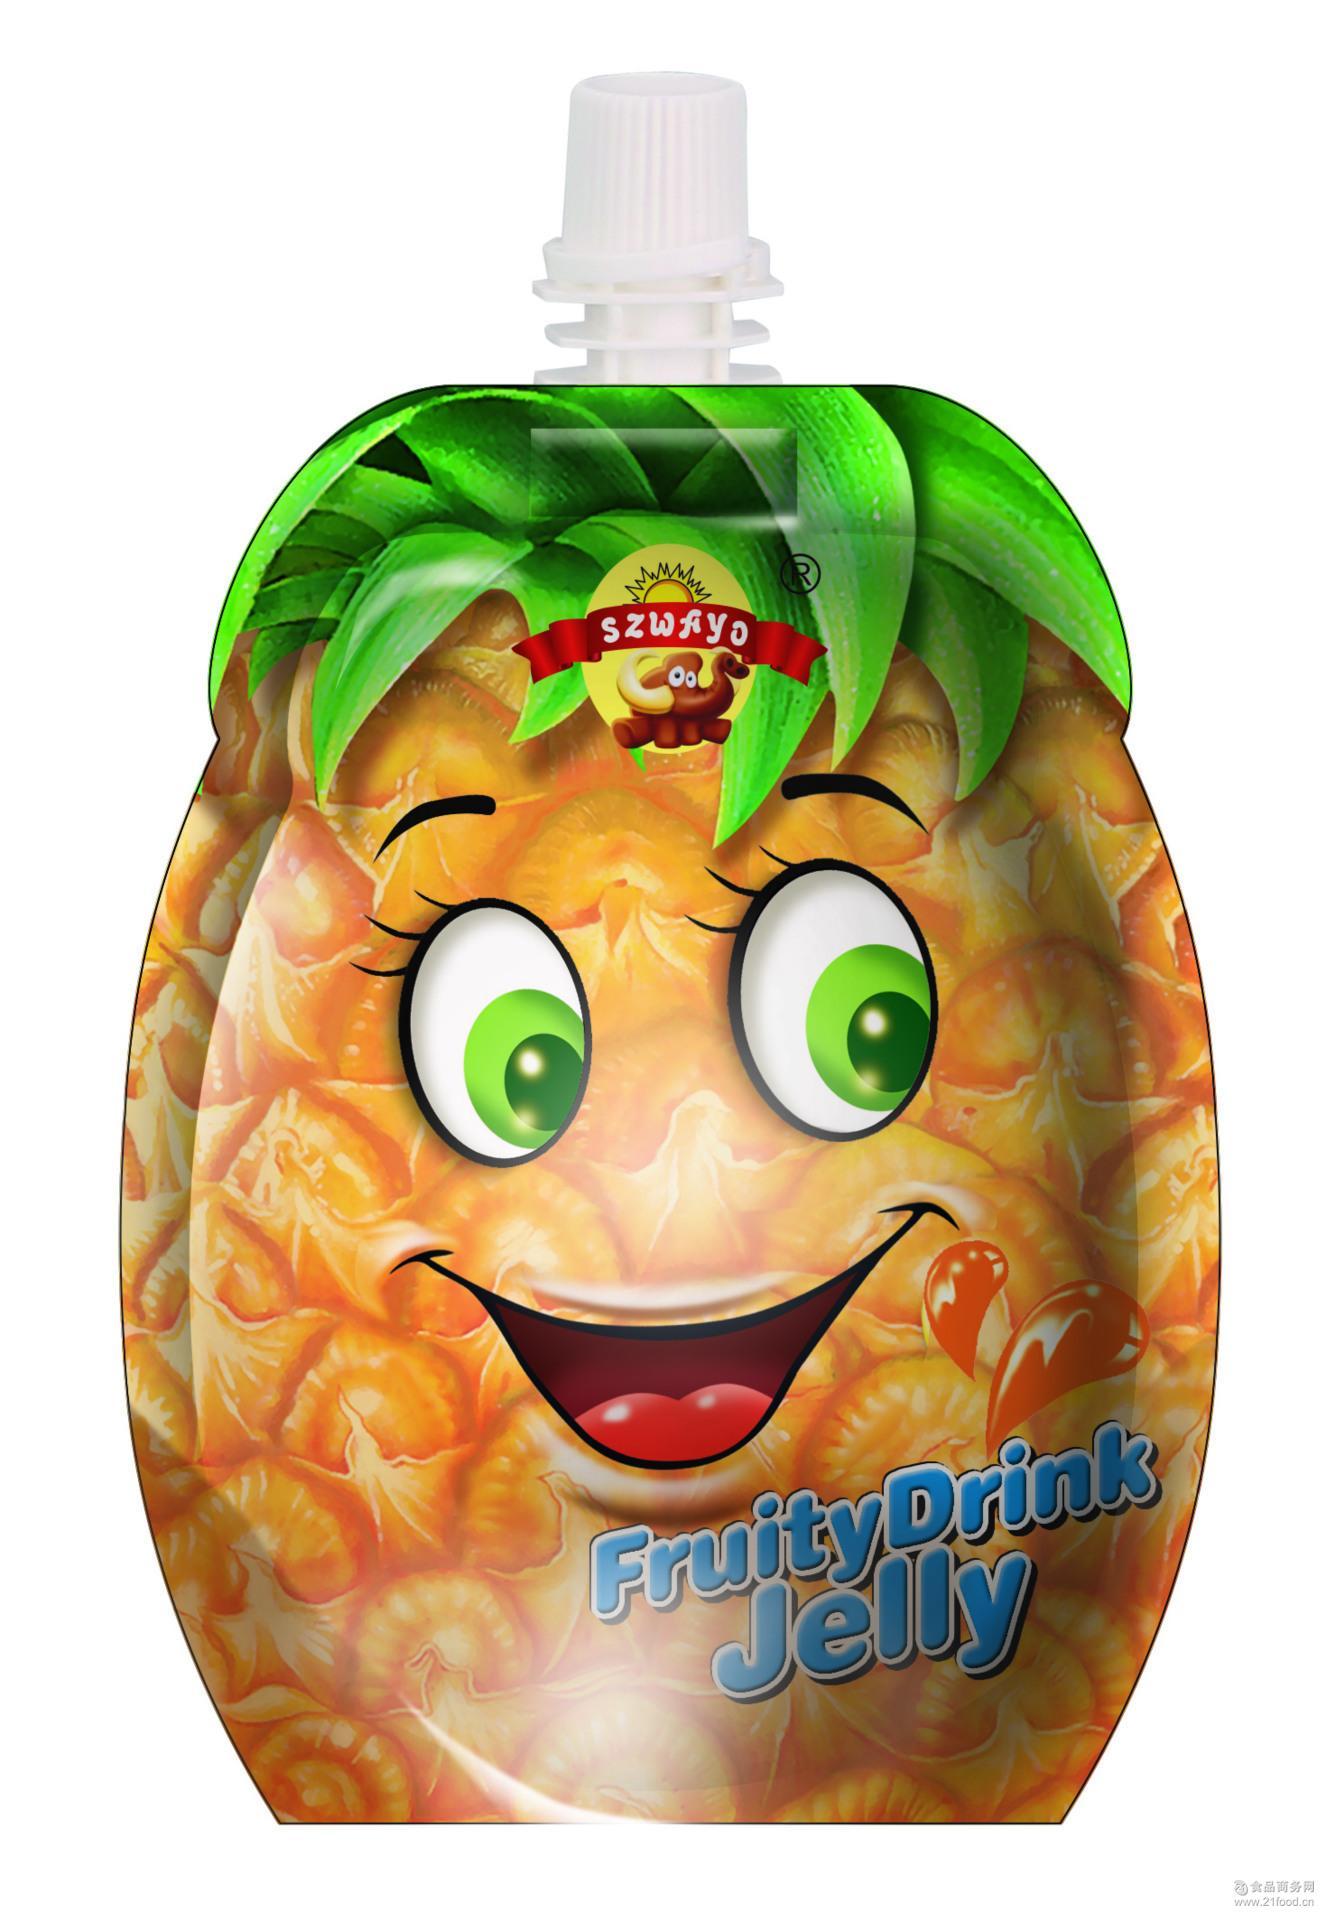 可吸果冻 果汁果冻 哇哟菠萝味可吸果冻 菠萝味